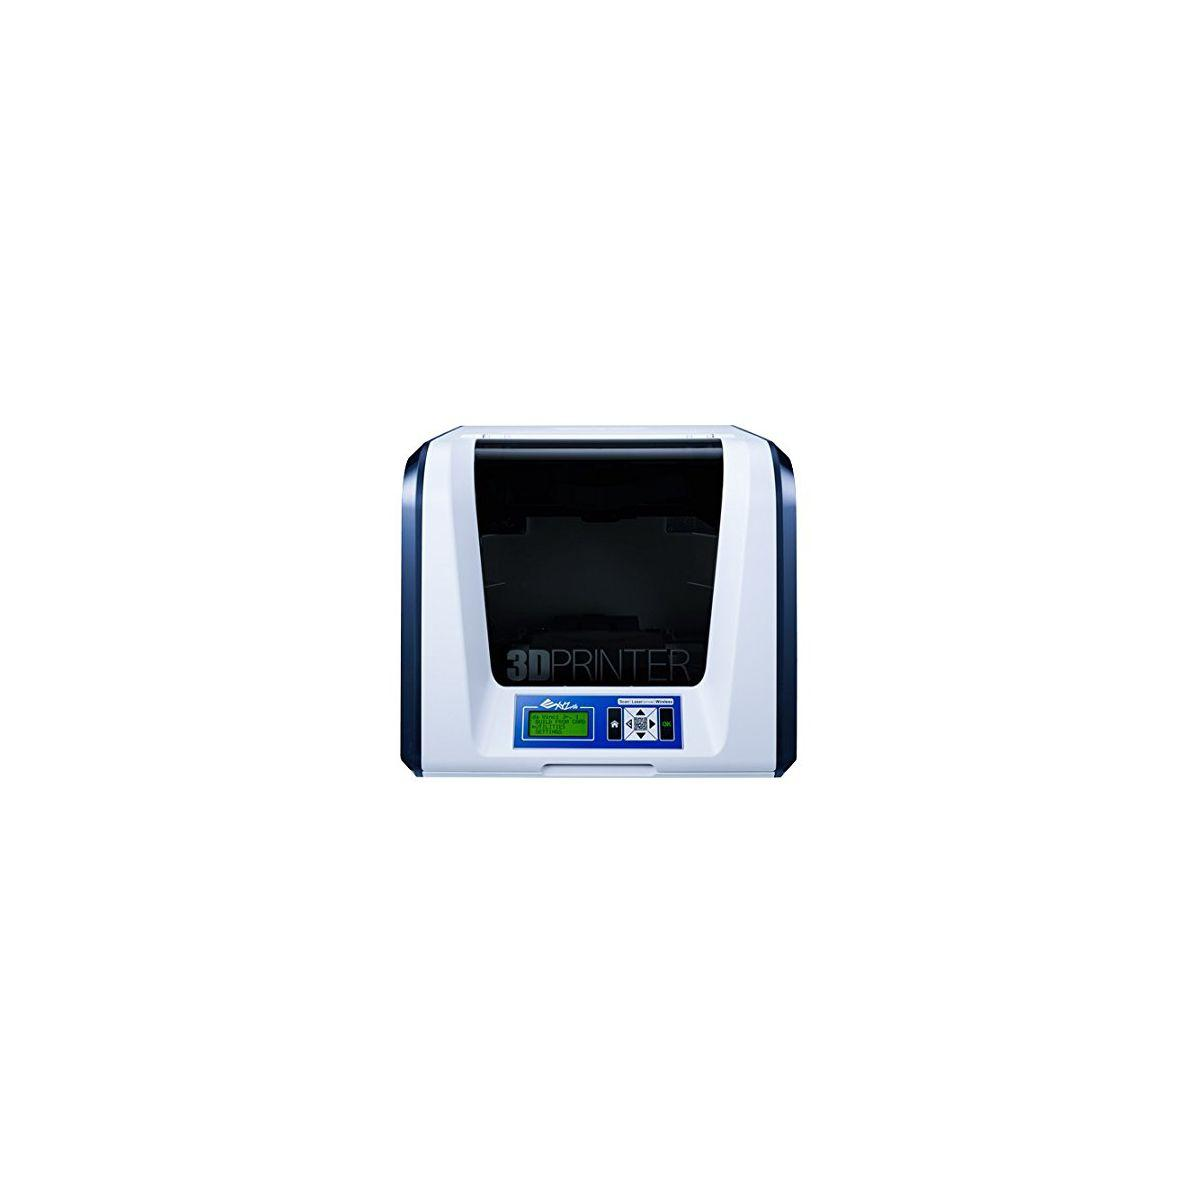 Imprimante xyz printing junior 3en1 1 t� - livraison offerte : code liv